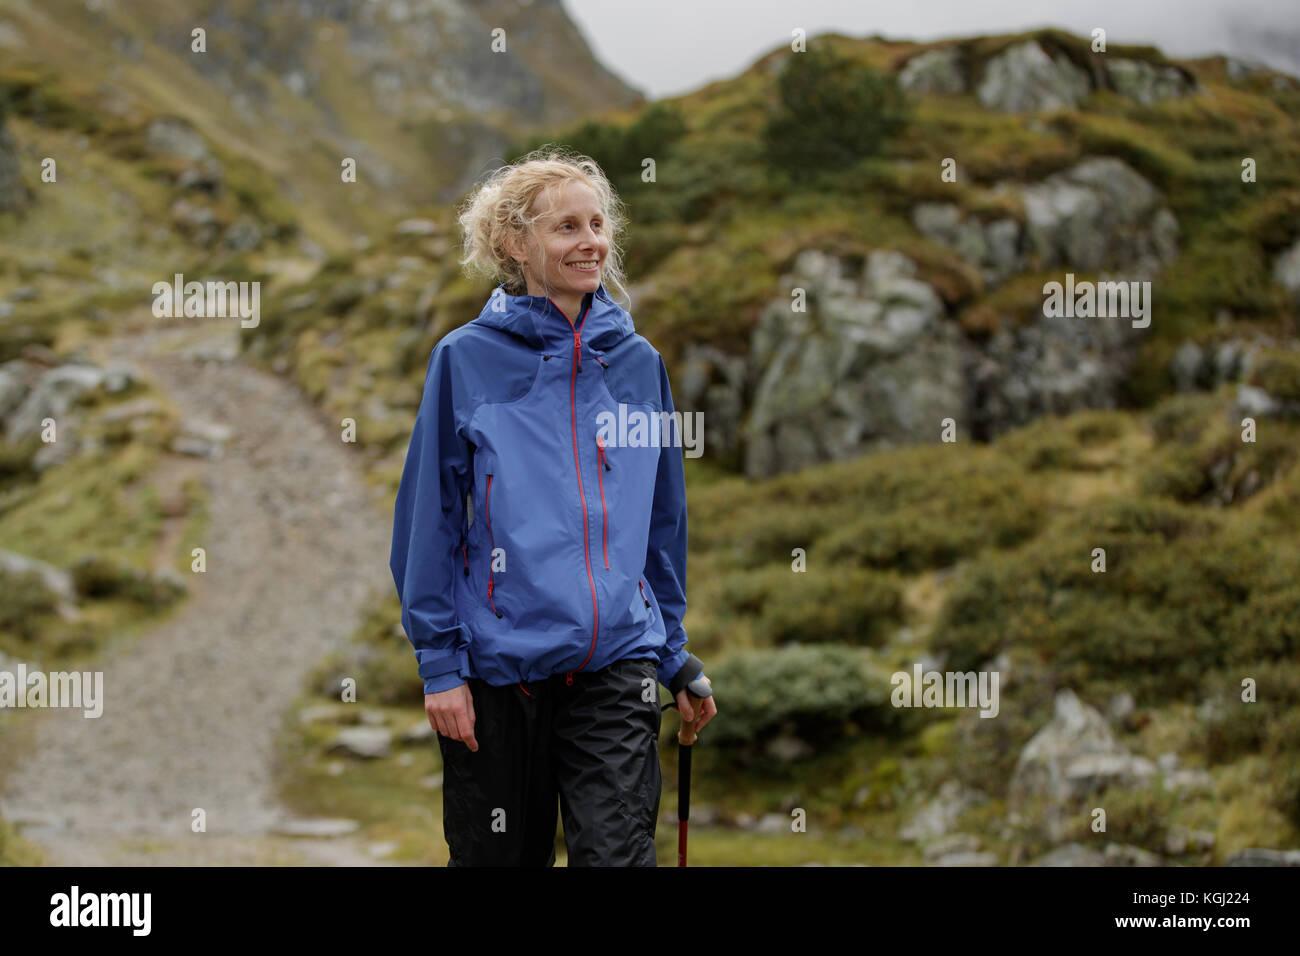 Eine Frau wandern in den österreichischen Bergen Stockbild